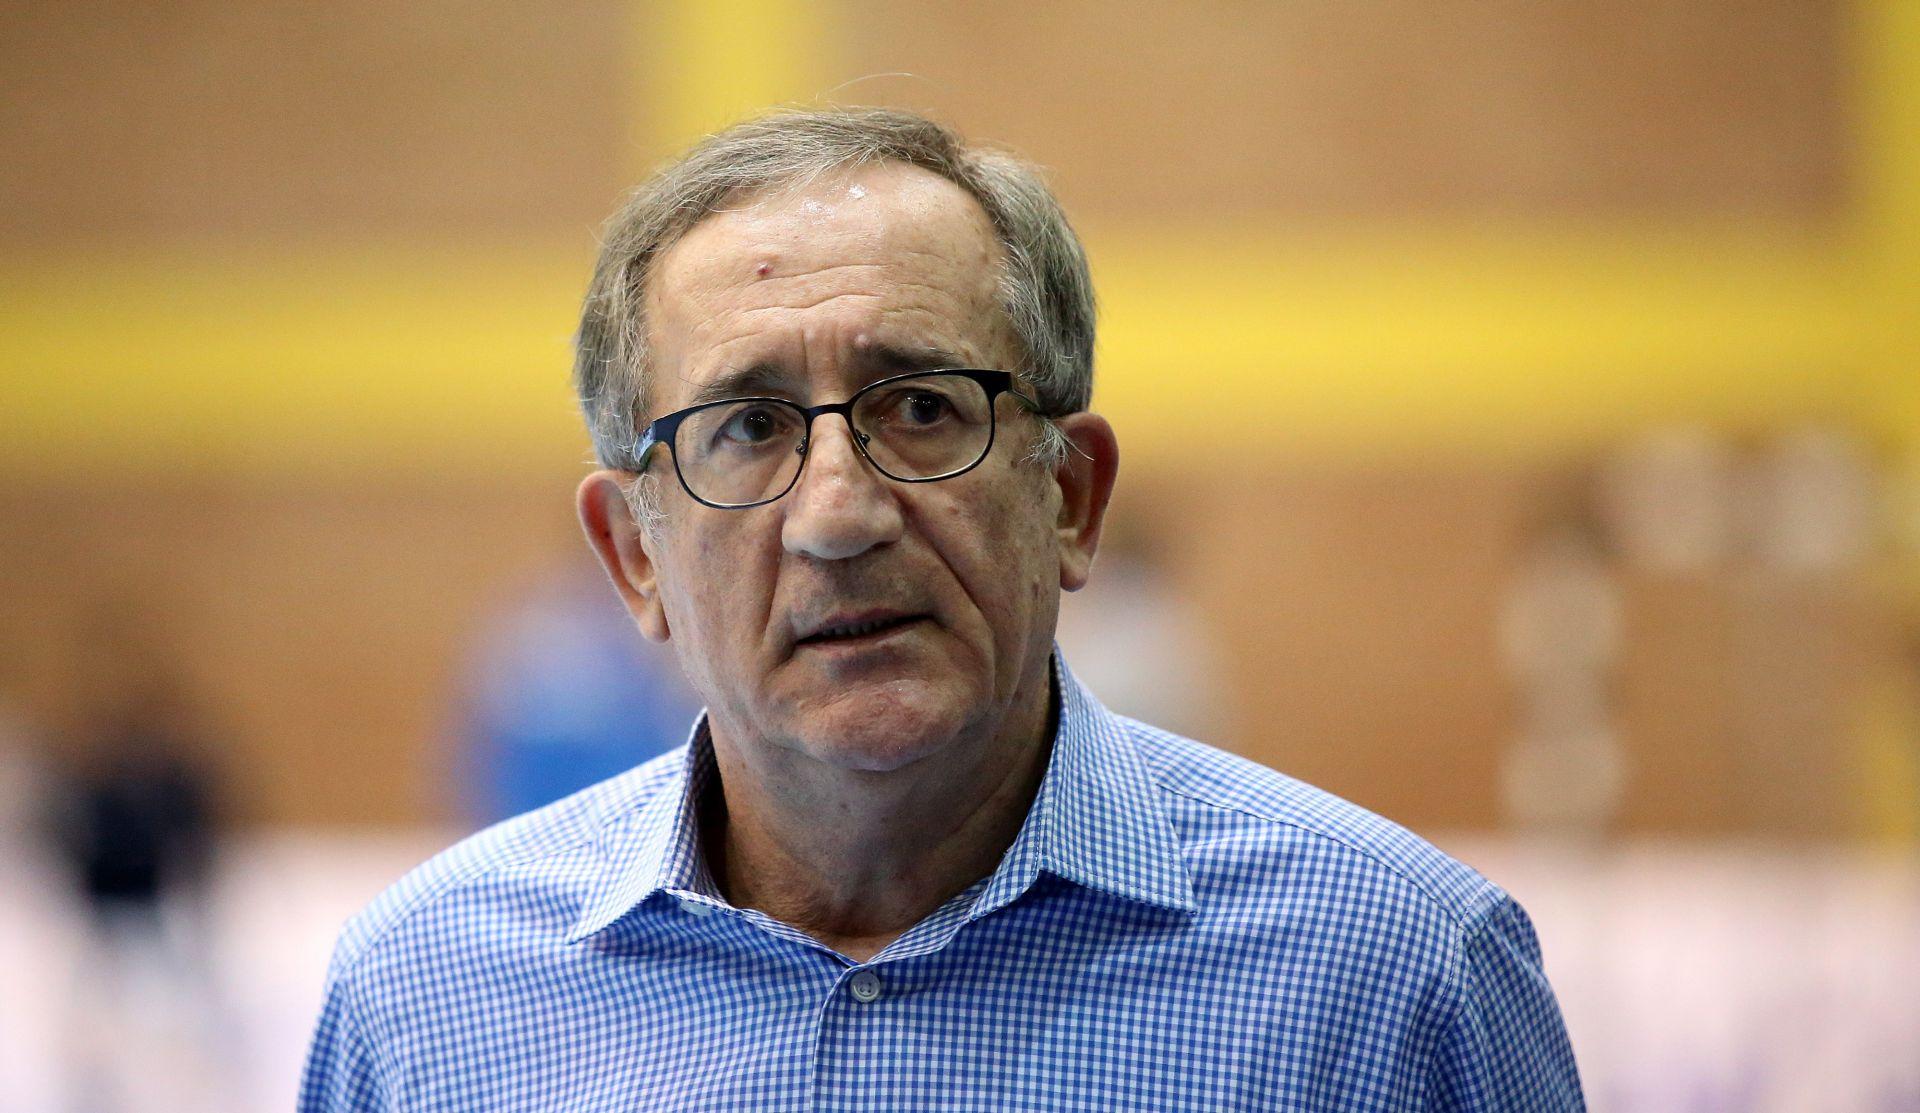 'ODABRAO SAM HRVATSKU' Červar raskinuo ugovor s Makedoncima